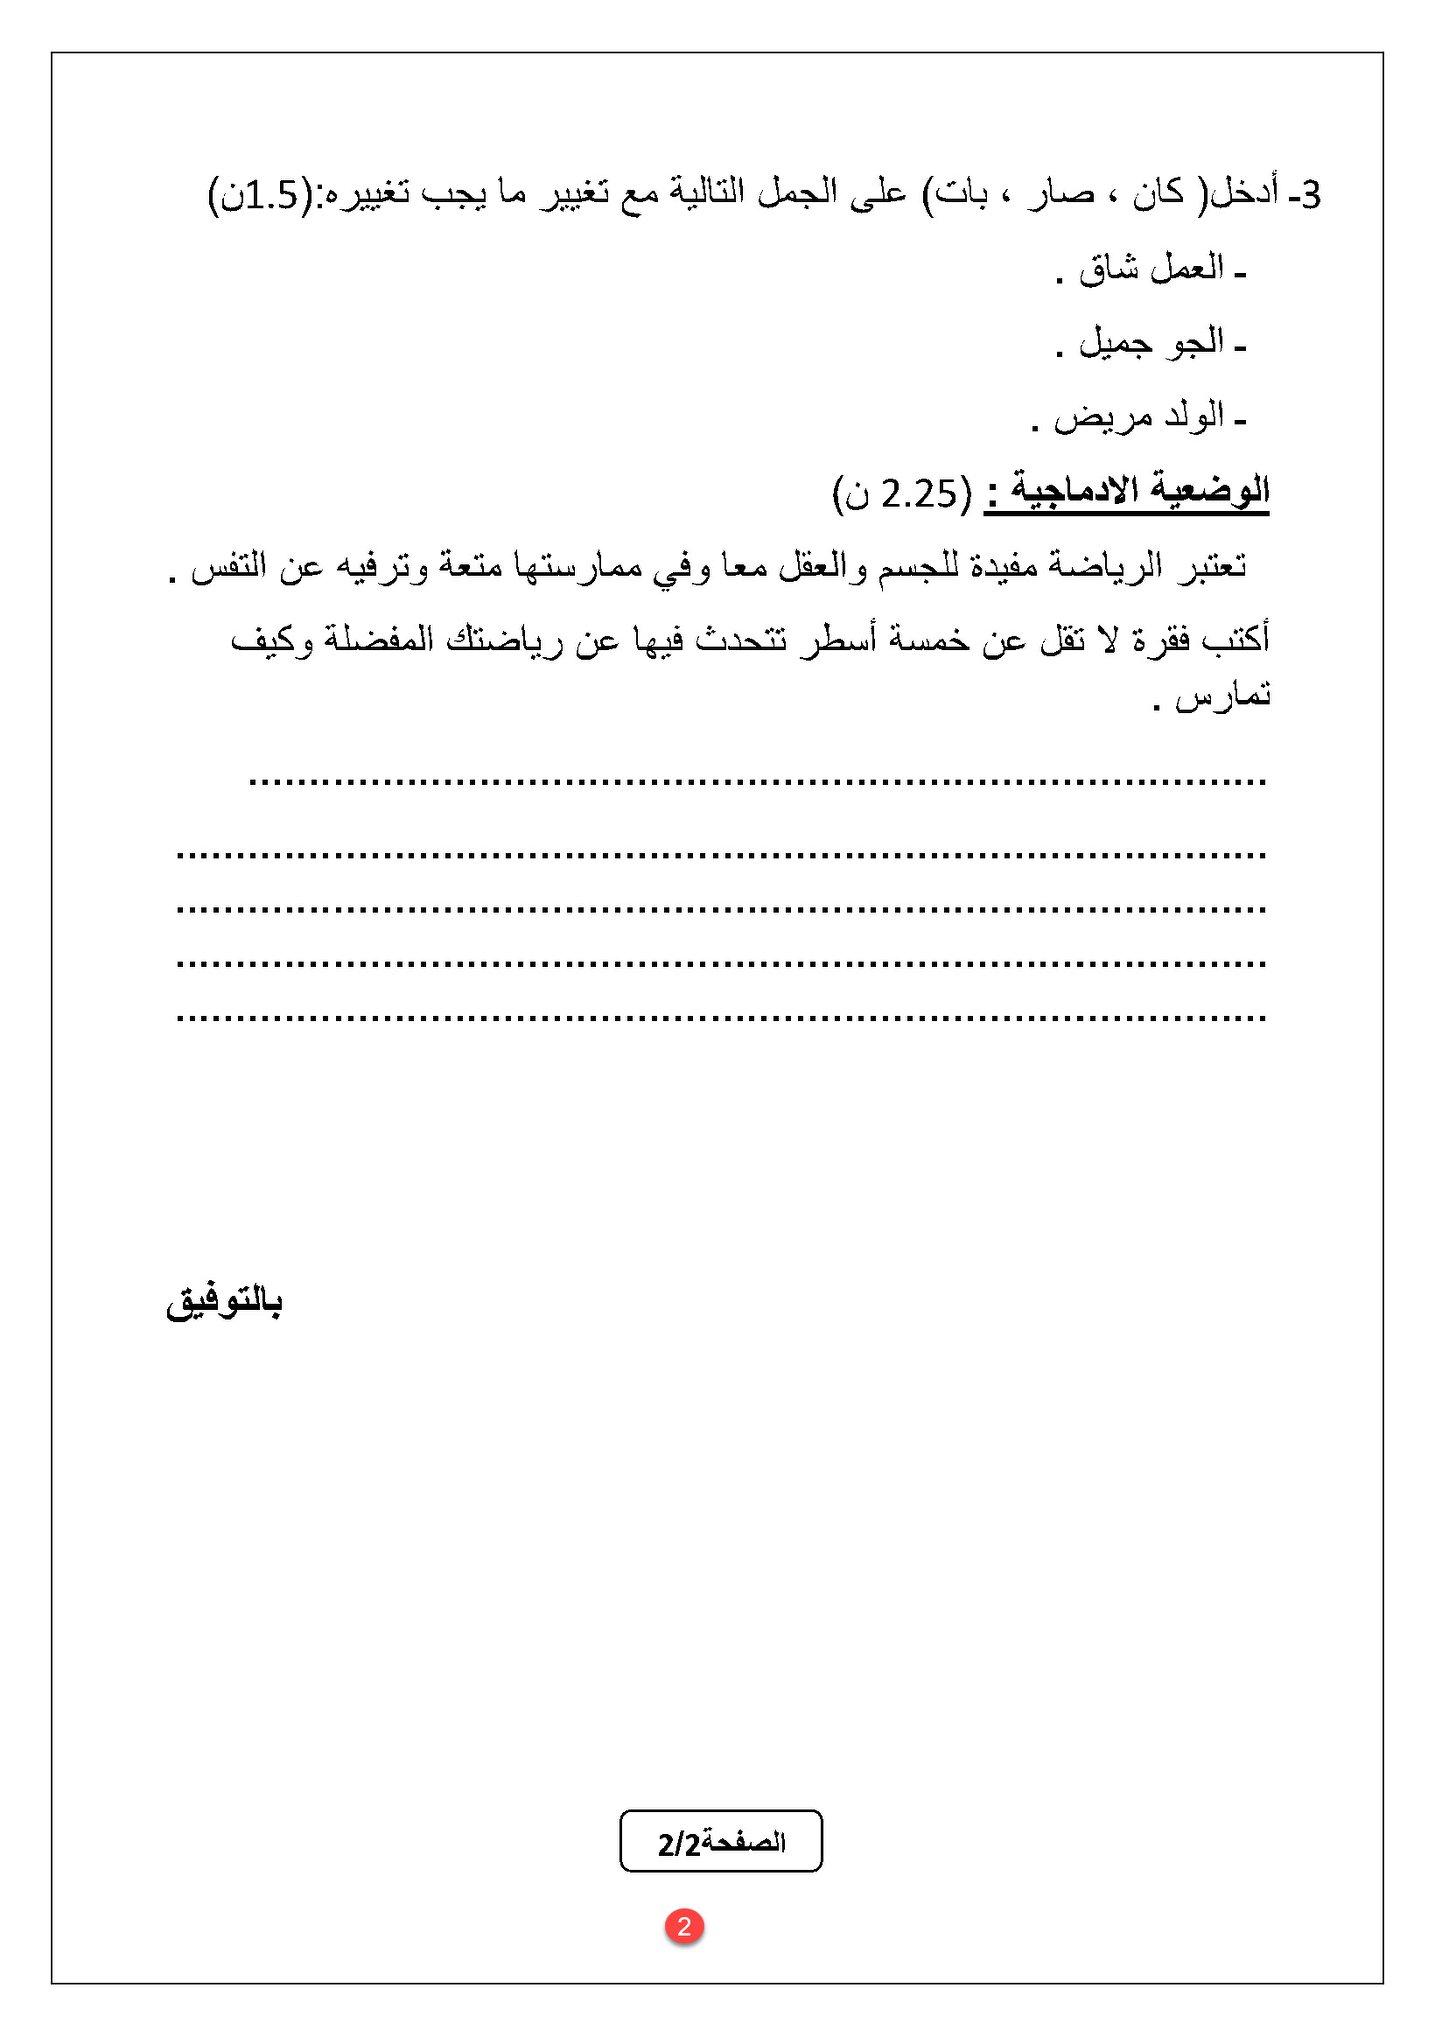 اختبار الفصل الثاني في اللغة العربية مع الحل | الثالثة ابتدائي | الموضوع 01